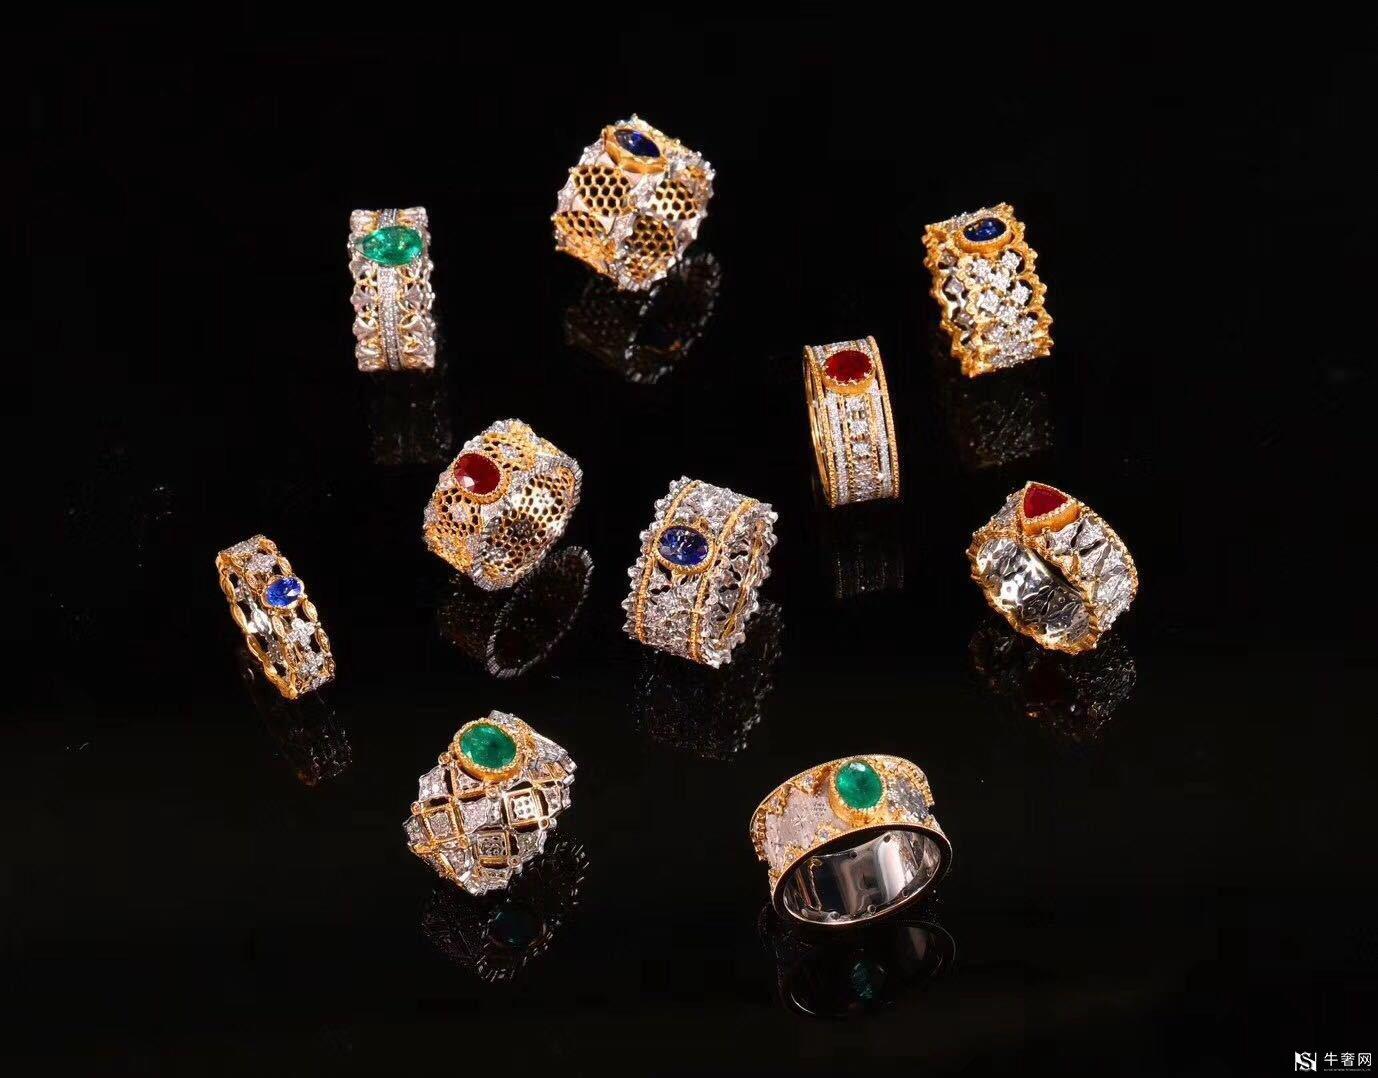 金伯利钻石可以回收的吗?